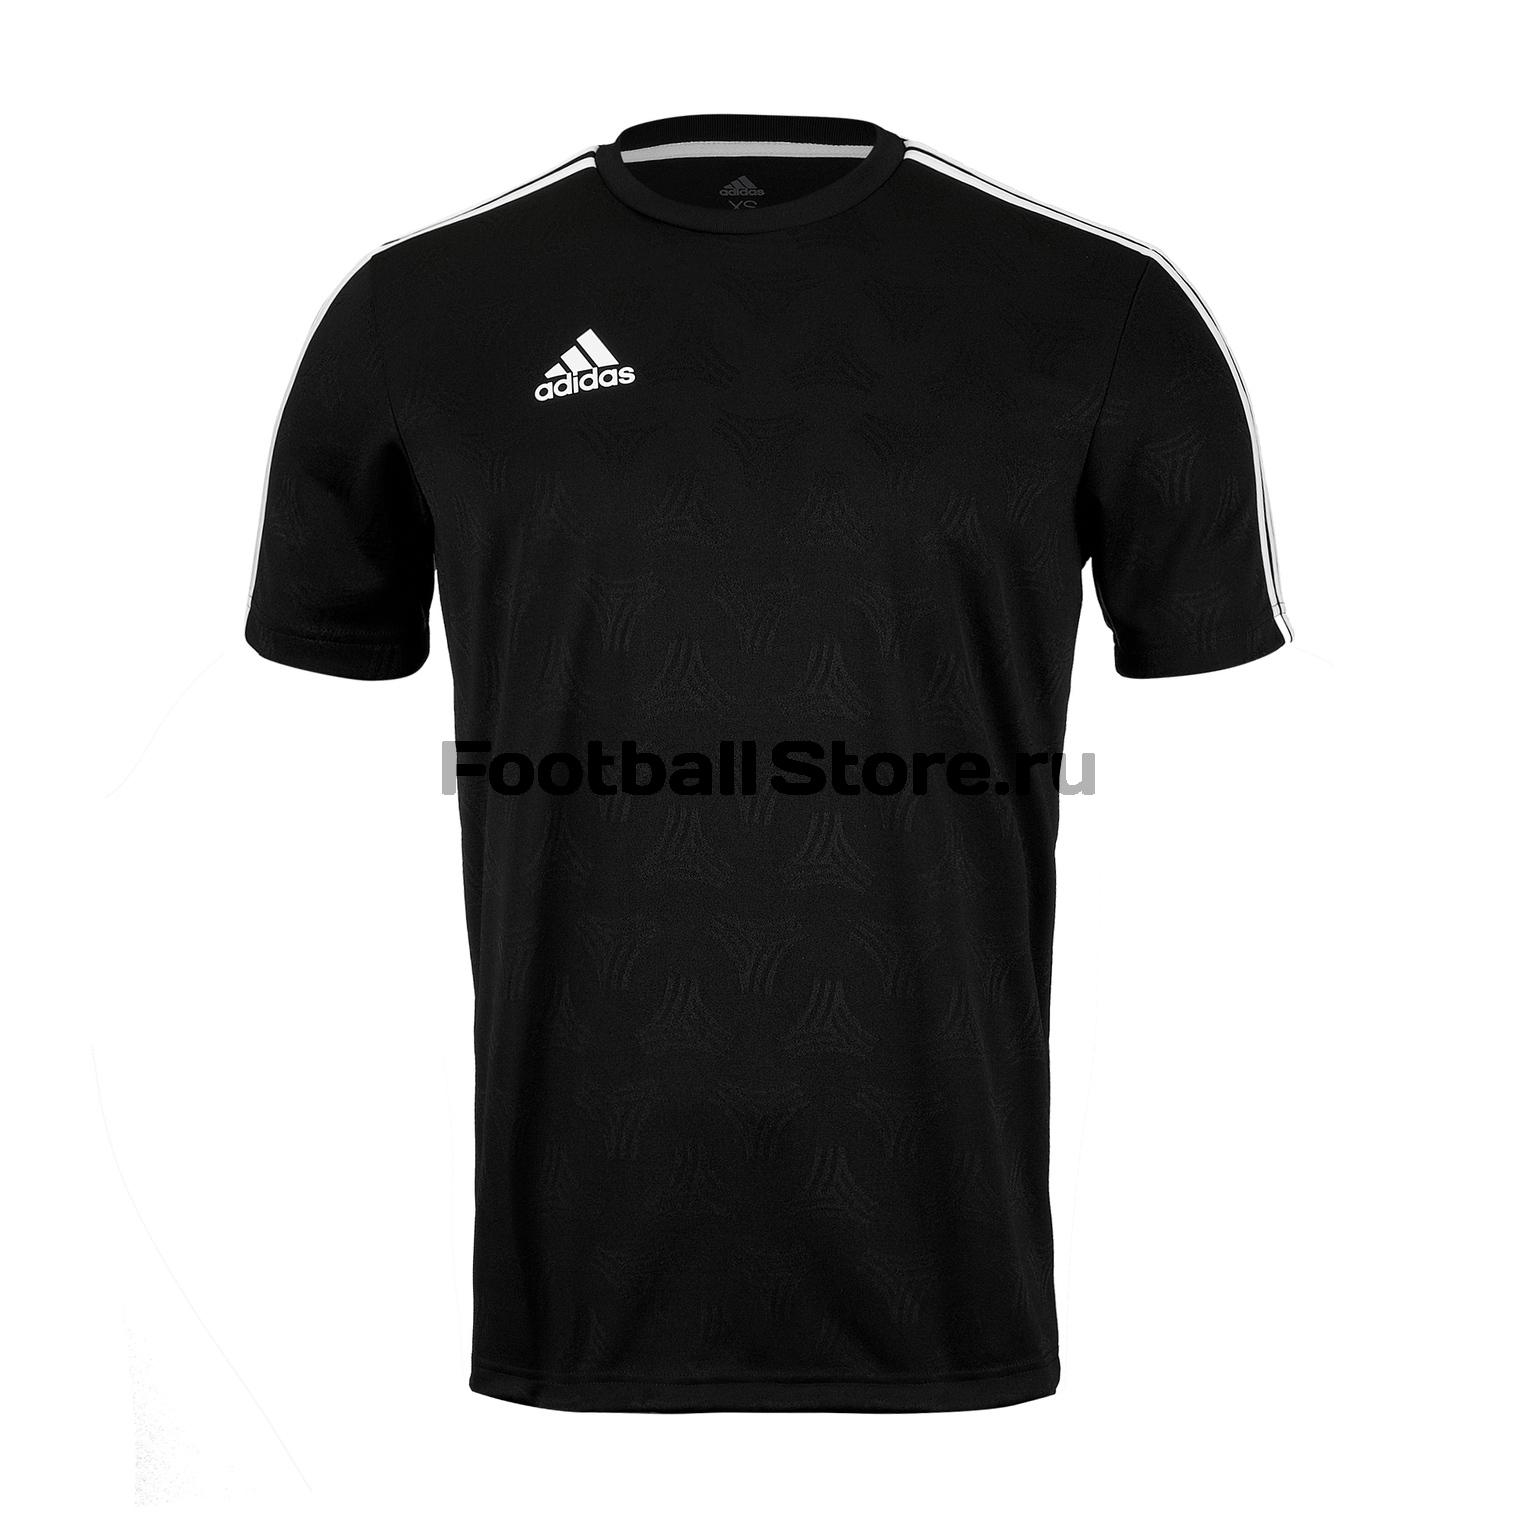 цена Футболка тренировочная Adidas Tan Jacquard DT9423 онлайн в 2017 году